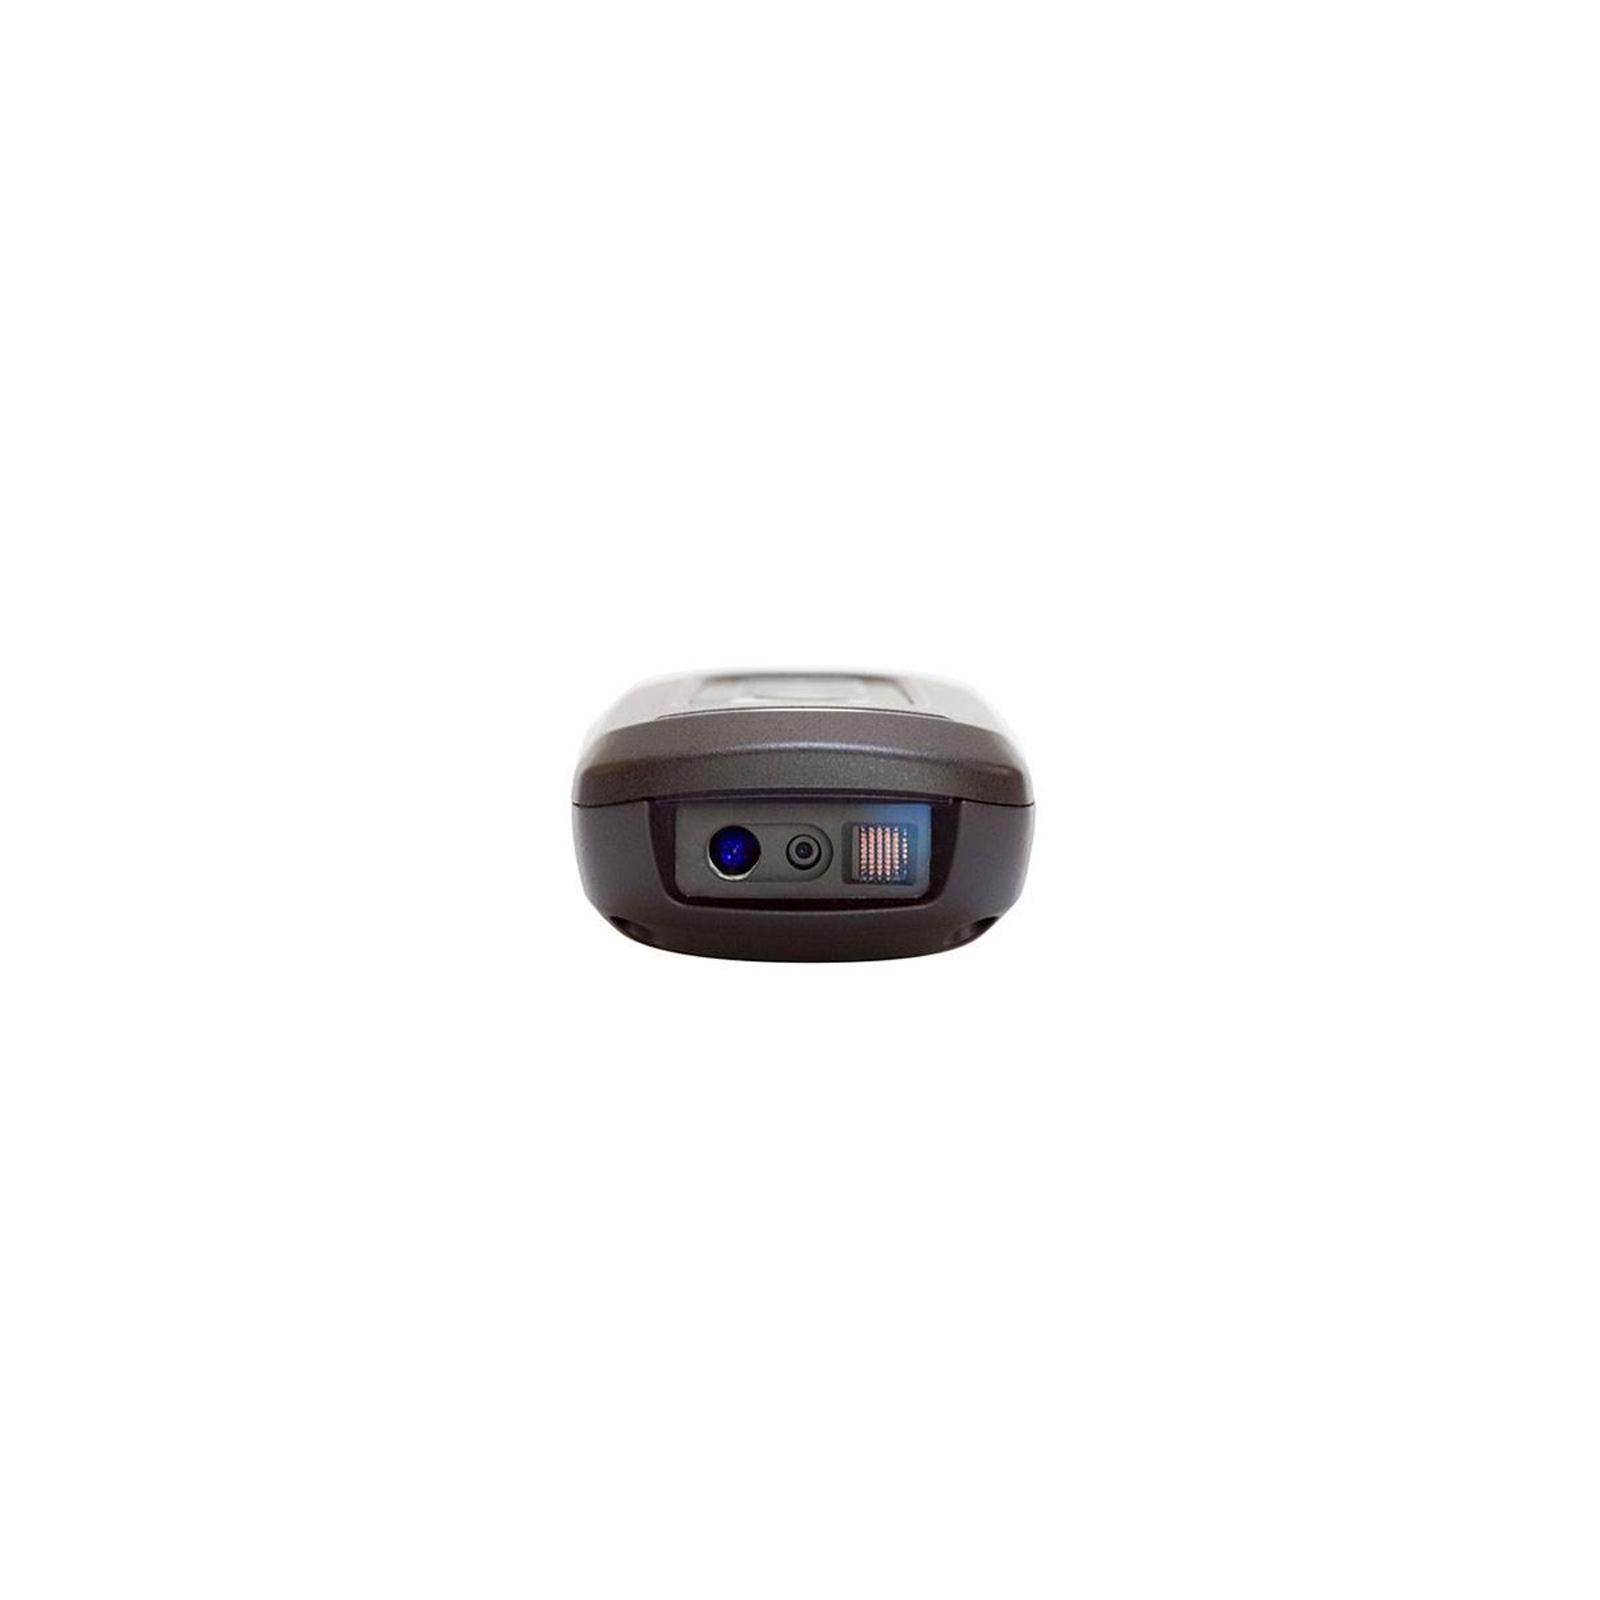 Сканер штрих-кода Symbol/Zebra CS4070 (CS4070-SR00004ZMWW) изображение 3